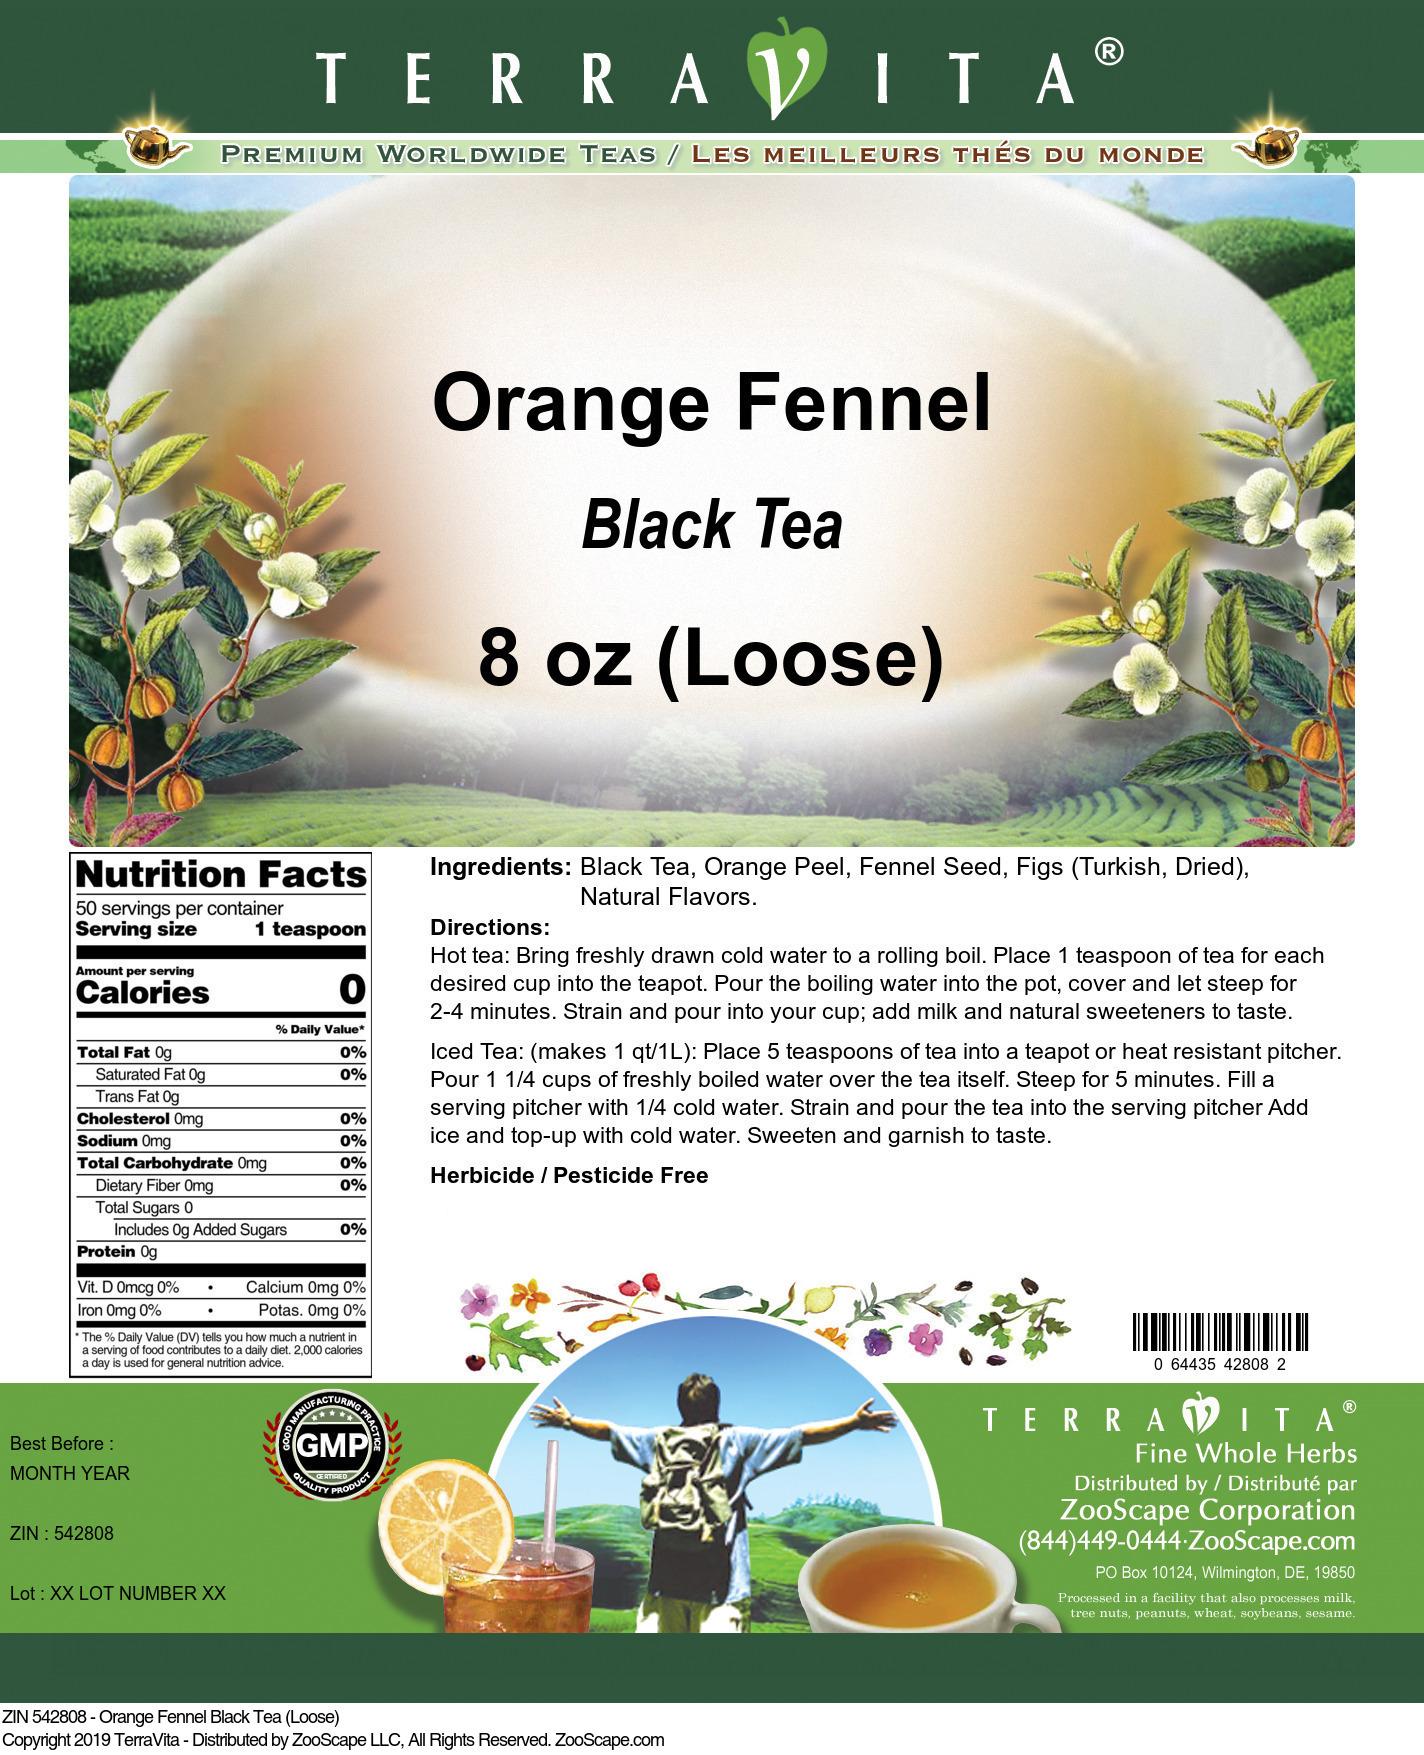 Orange Fennel Black Tea